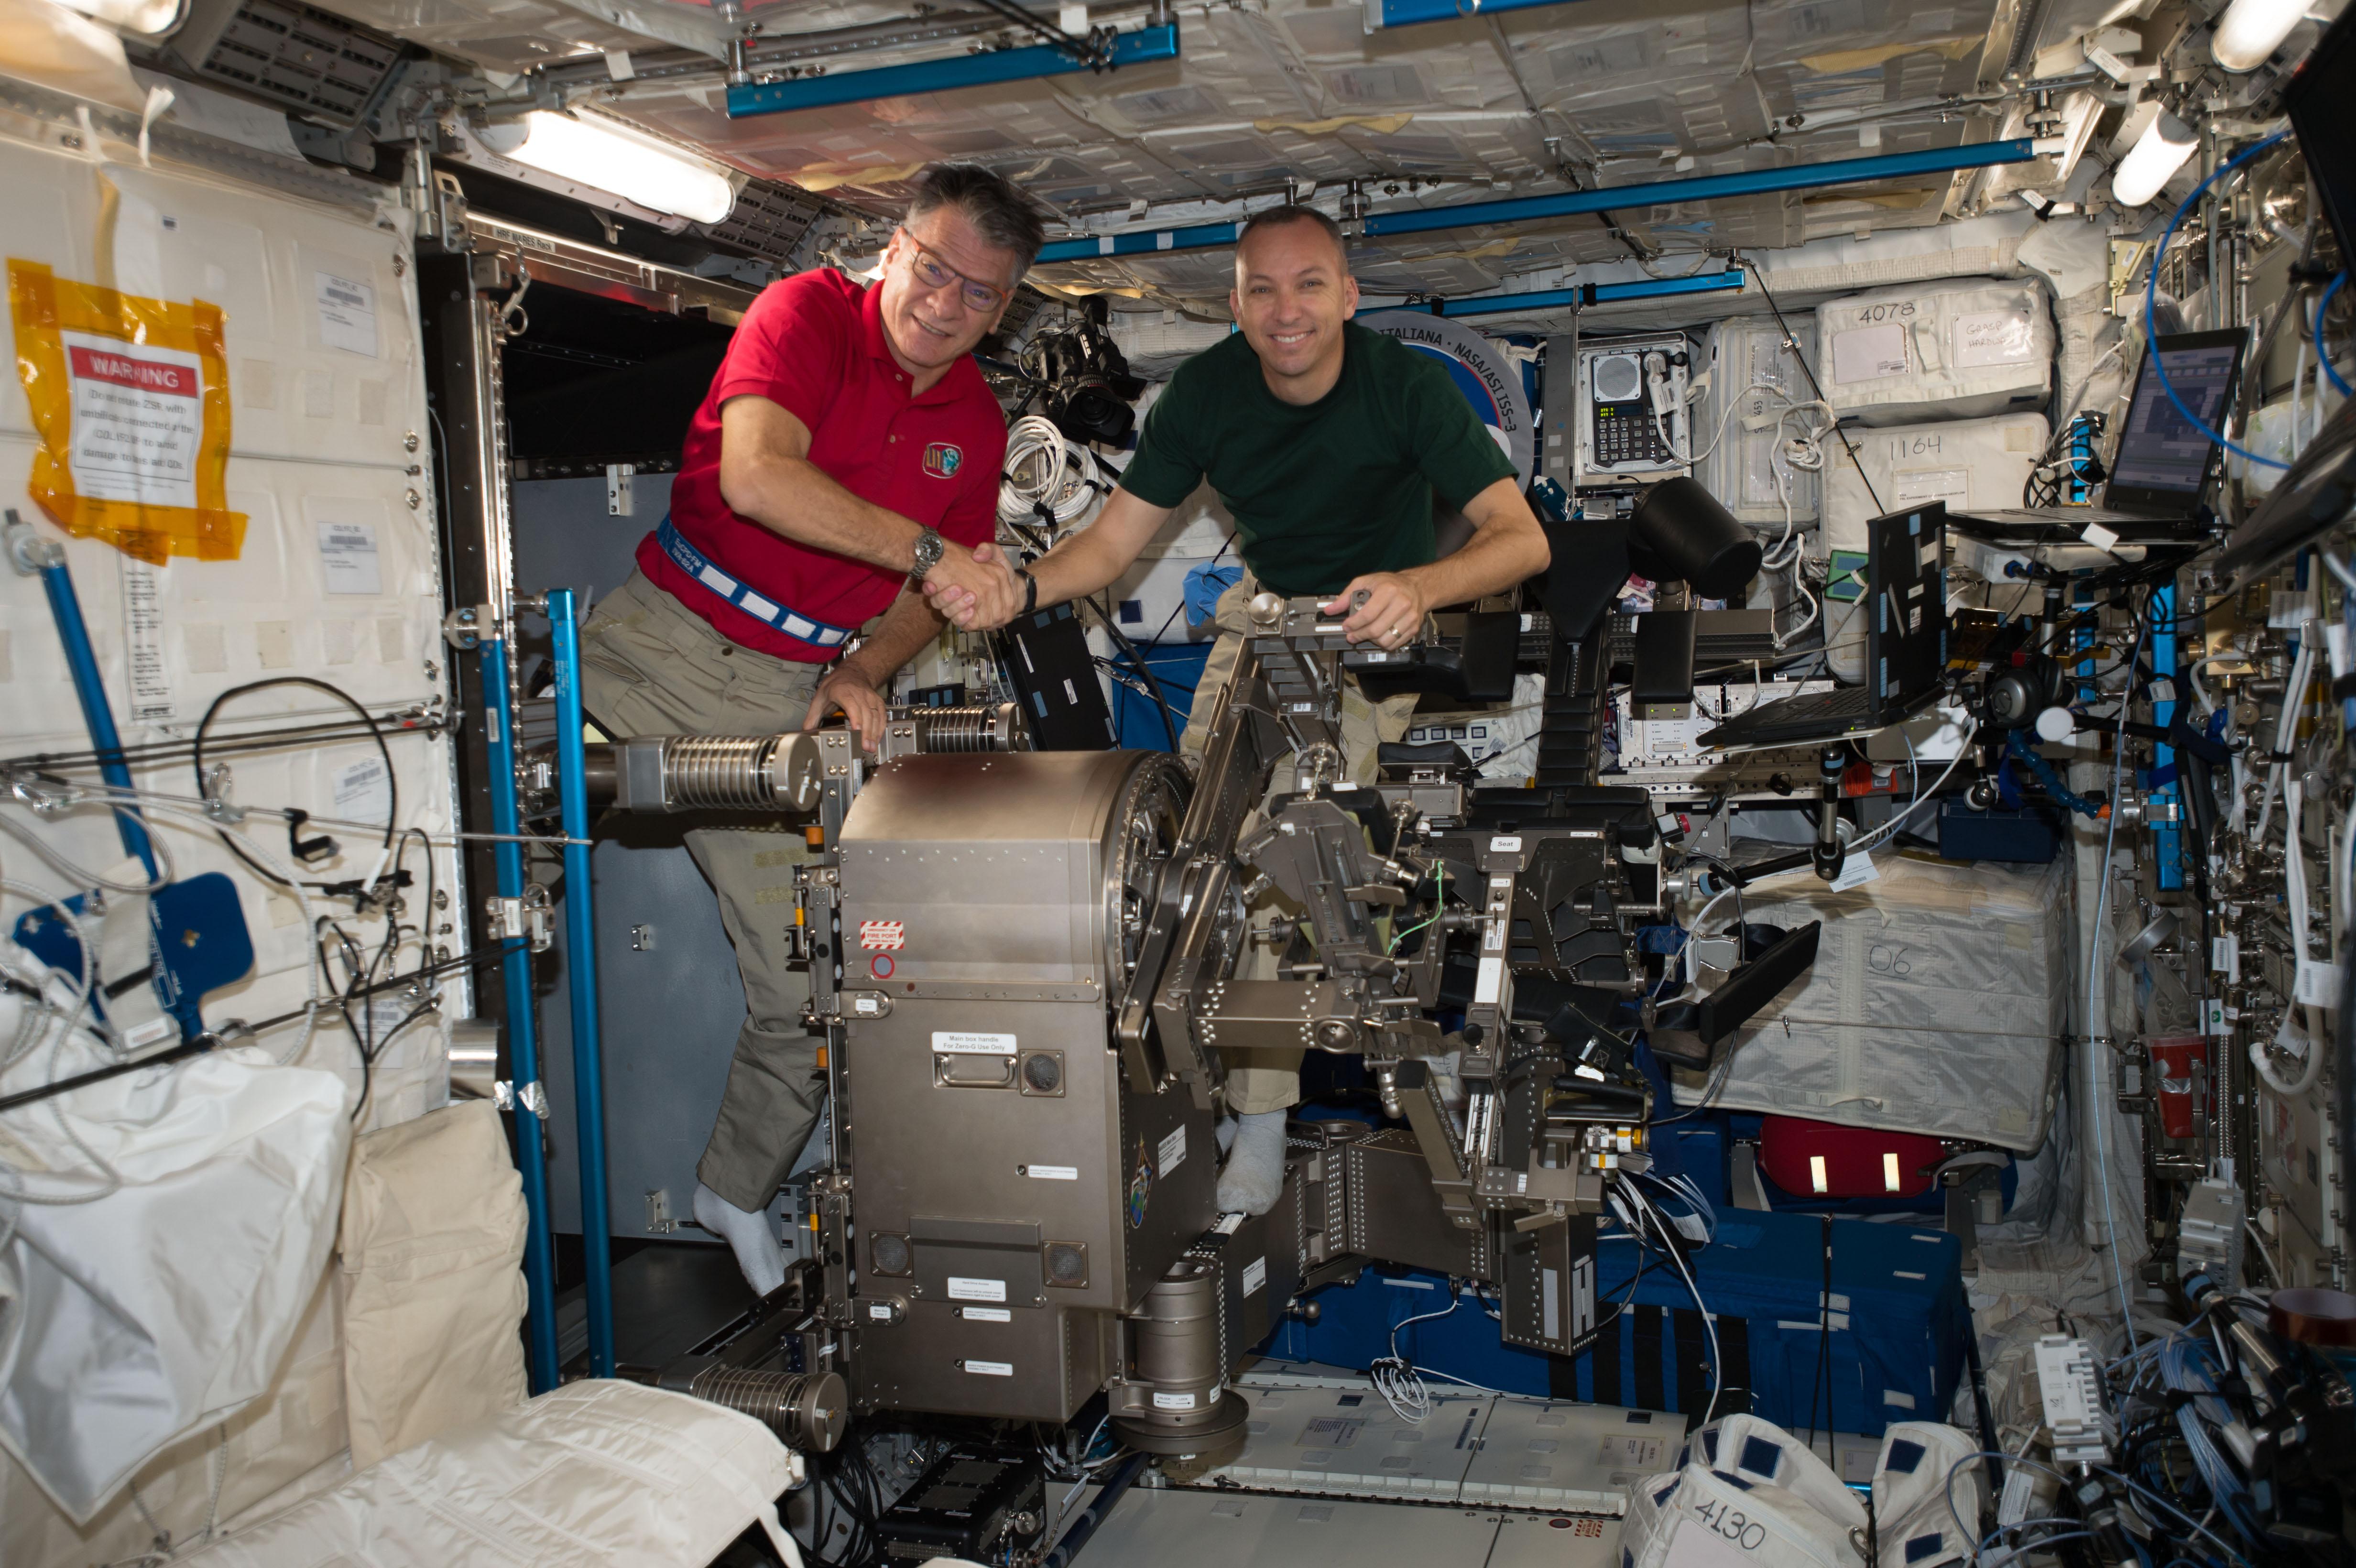 Astronauts Paolo Nespoli and Randy Bresnik